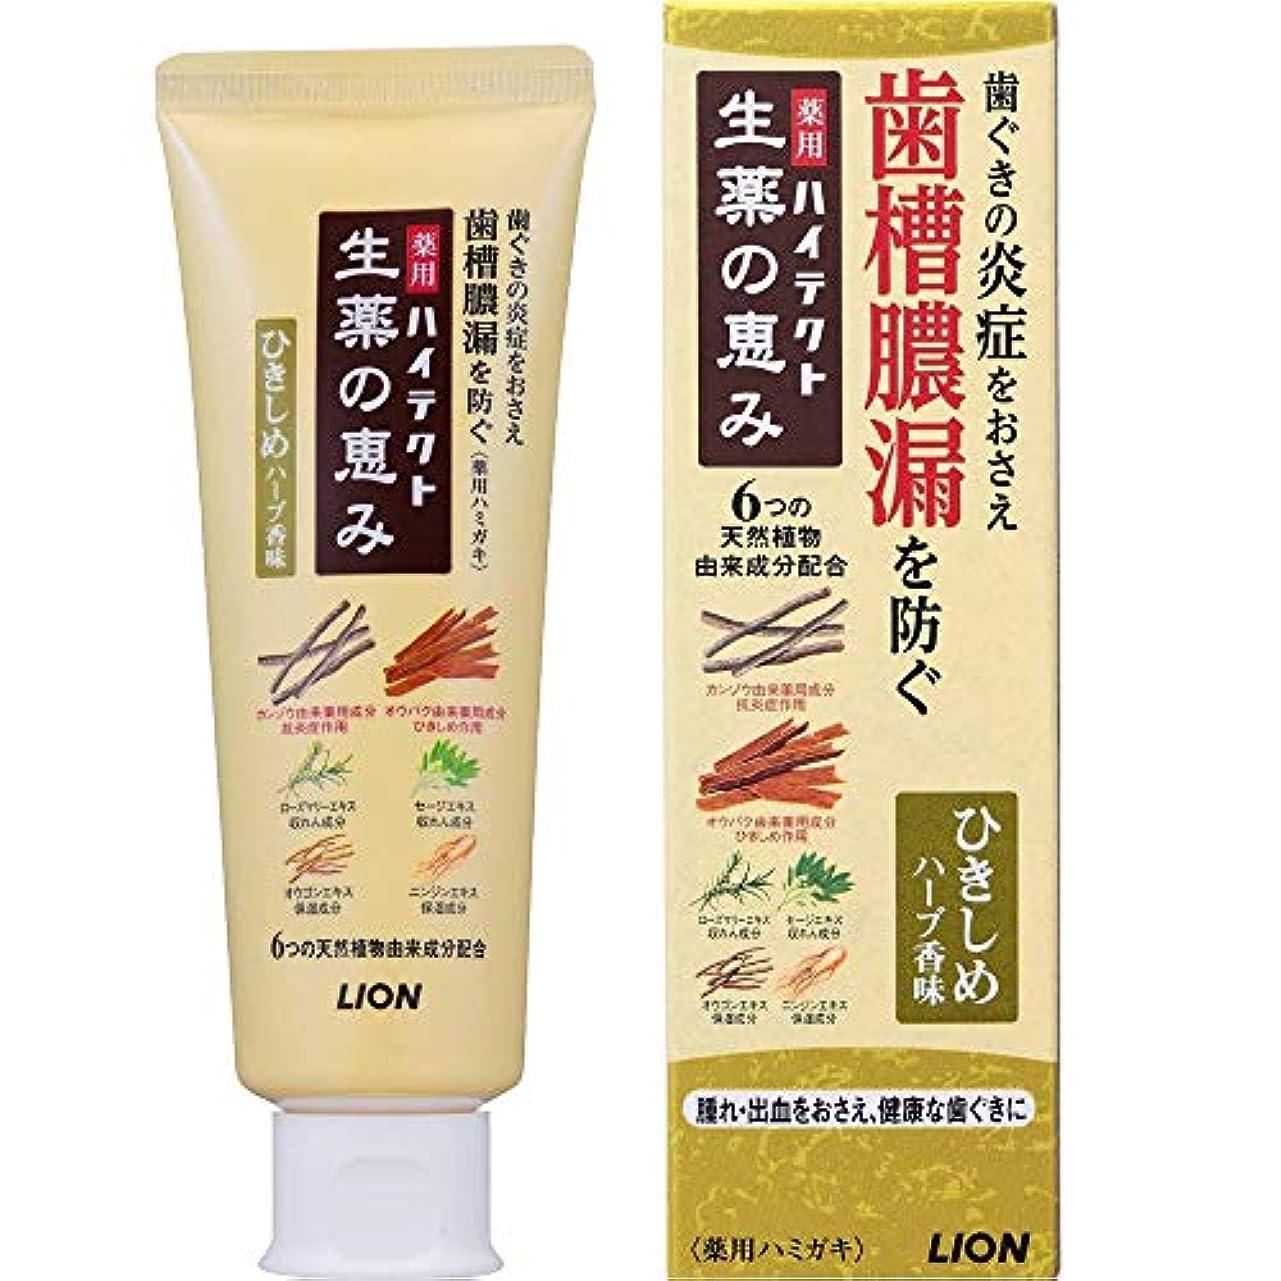 タブレット定期的表面薬用ハイテクト生薬の恵み ひきしめハーブ香味 90g (医薬部外品)